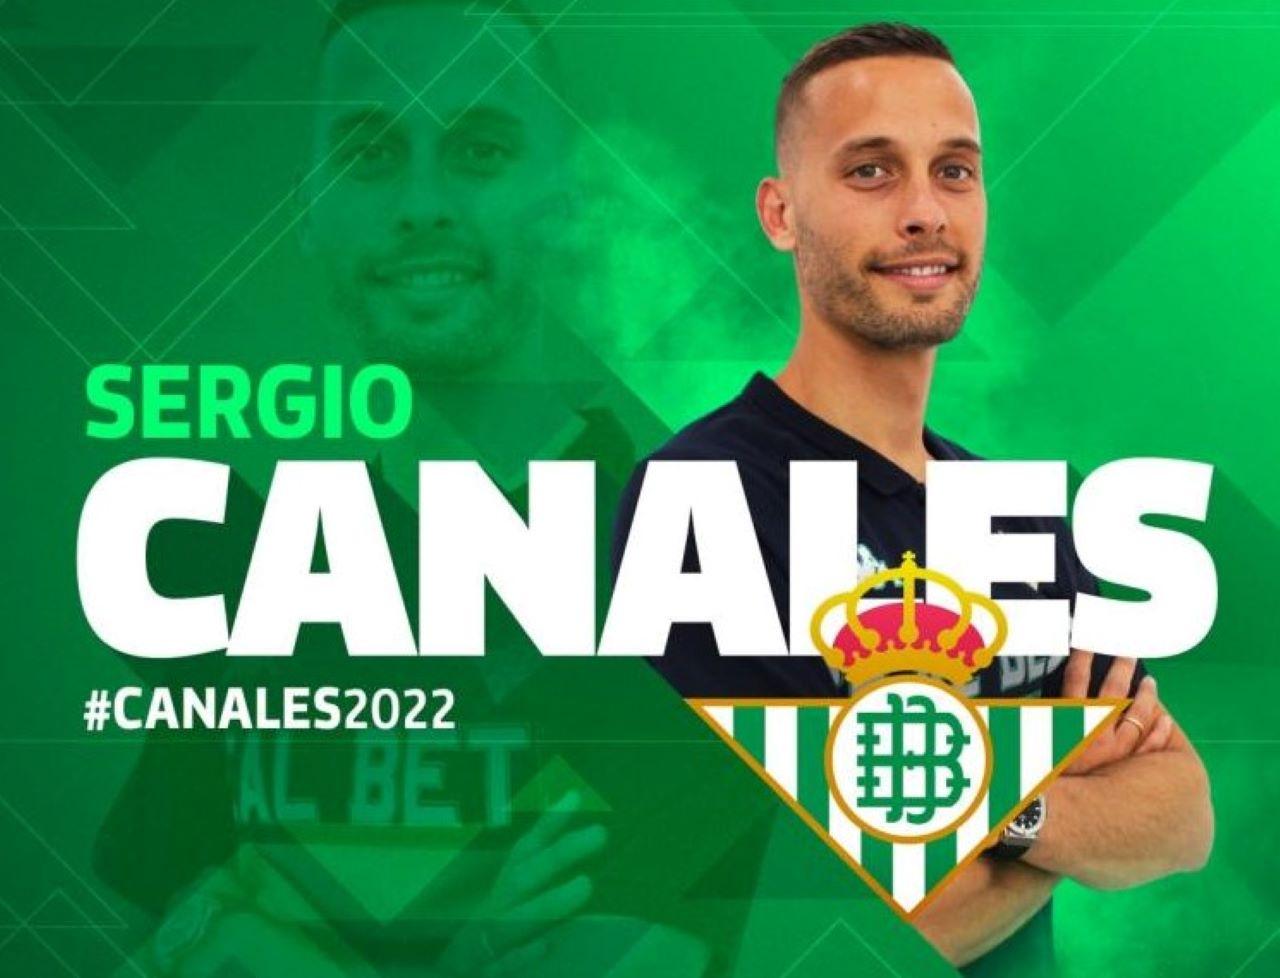 Liga / Betis Séville : Sergio Canales blessé !